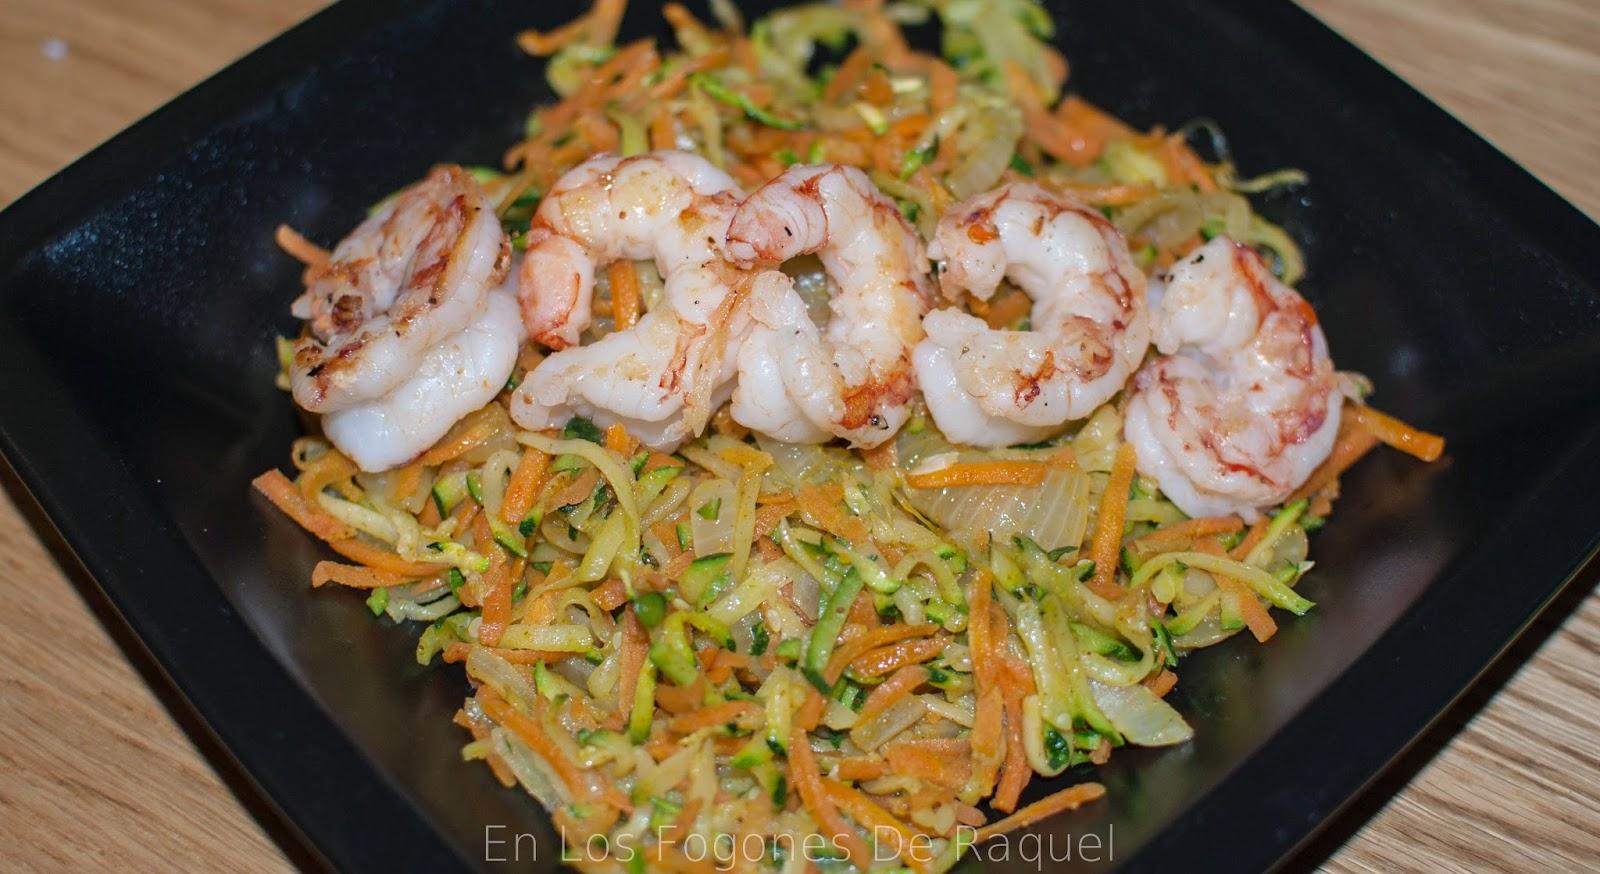 http://enlosfogonesderaquel.blogspot.com.es/2015/01/fideua-de-verduras-al-curry-con.html